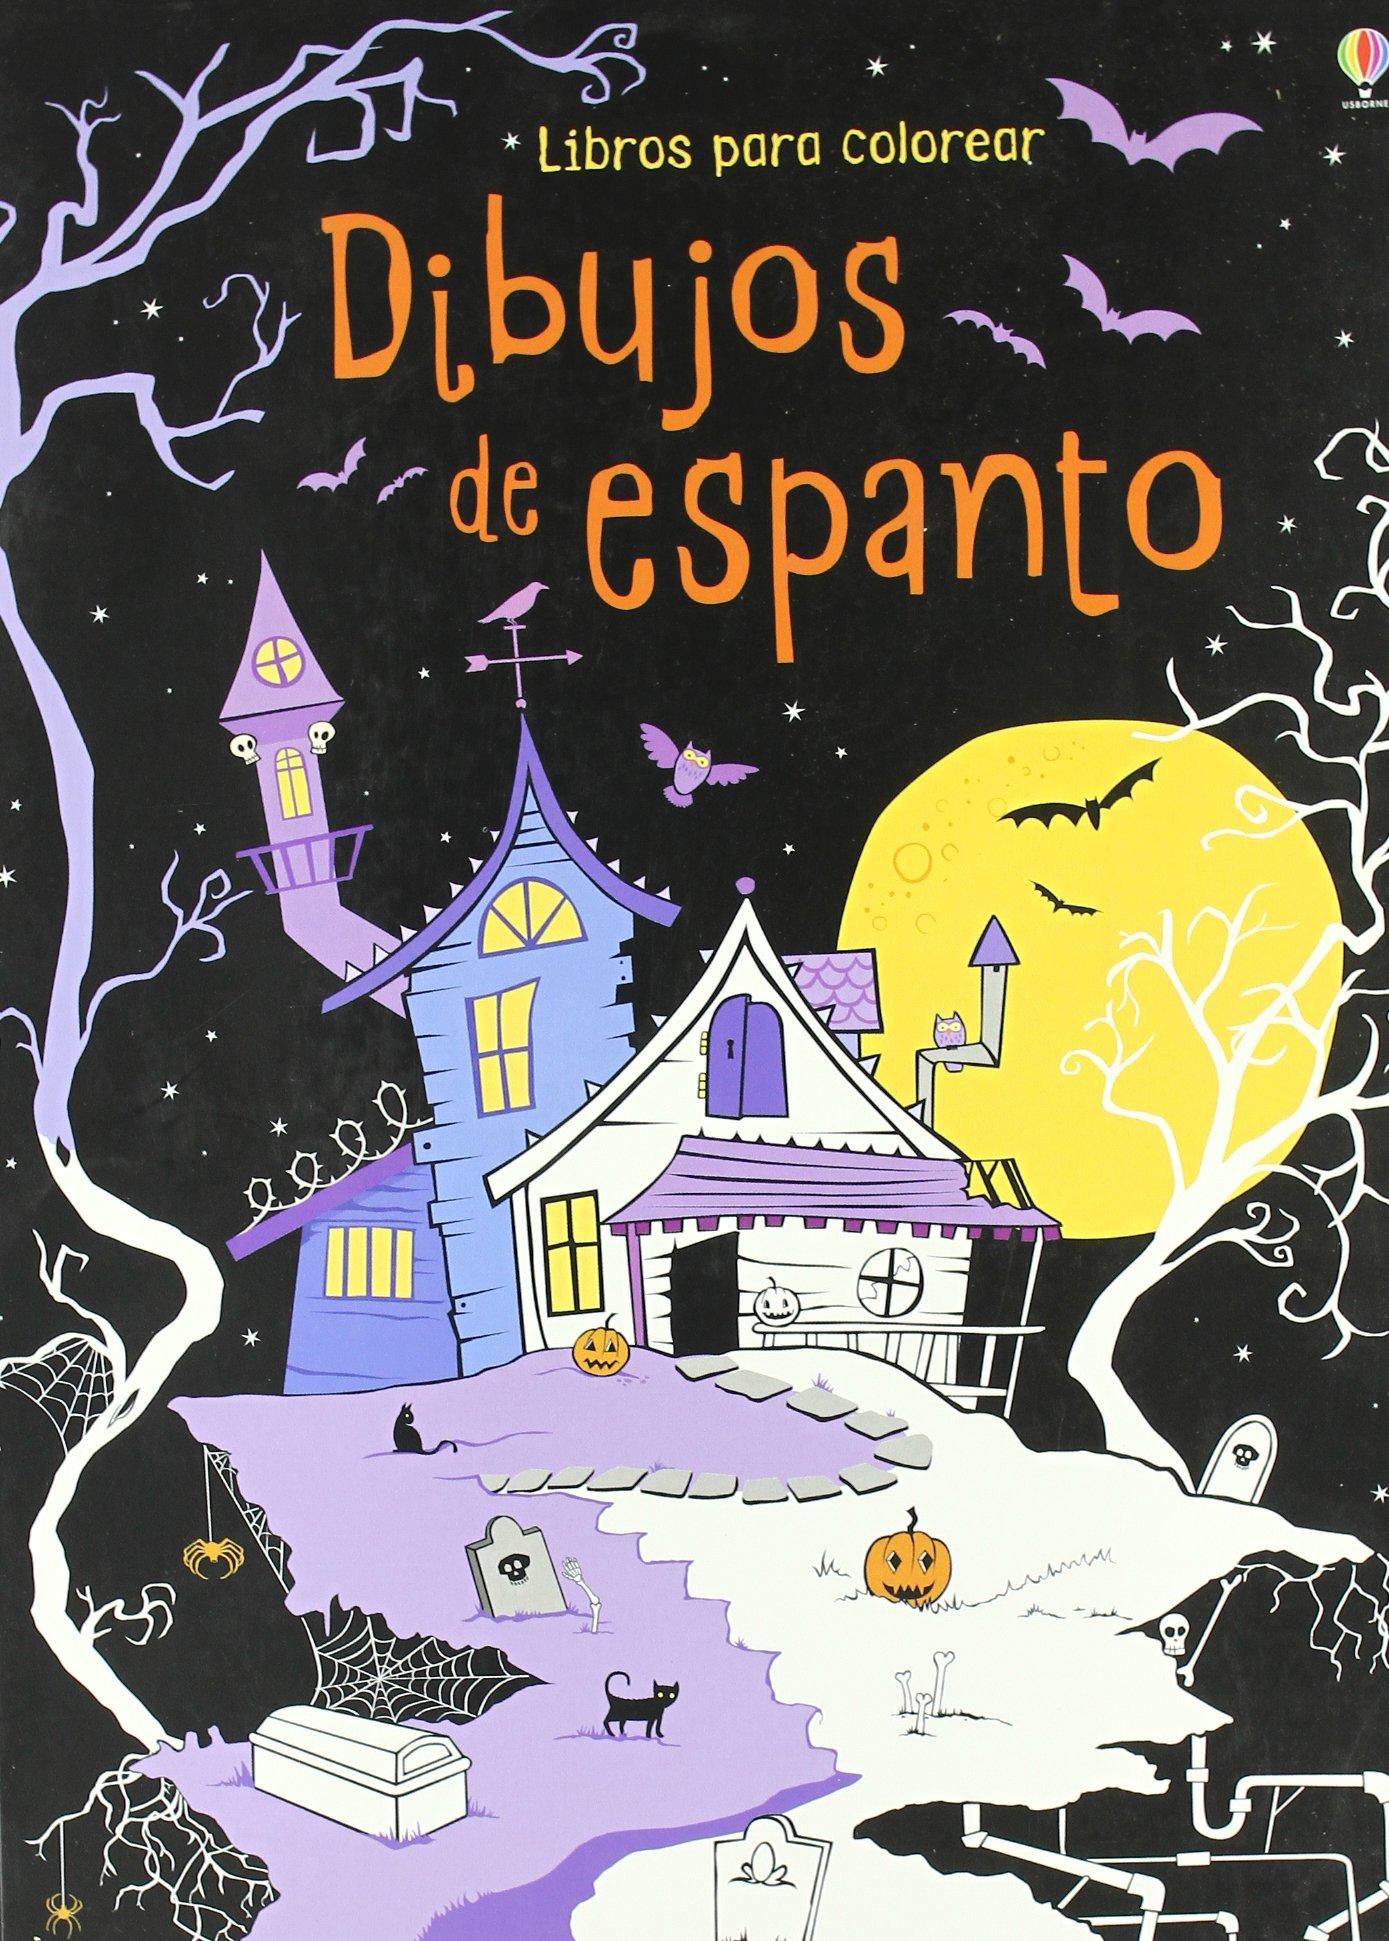 Dibujos de espanto (Libros Para Colorear): Amazon.es: Kirsteen ...